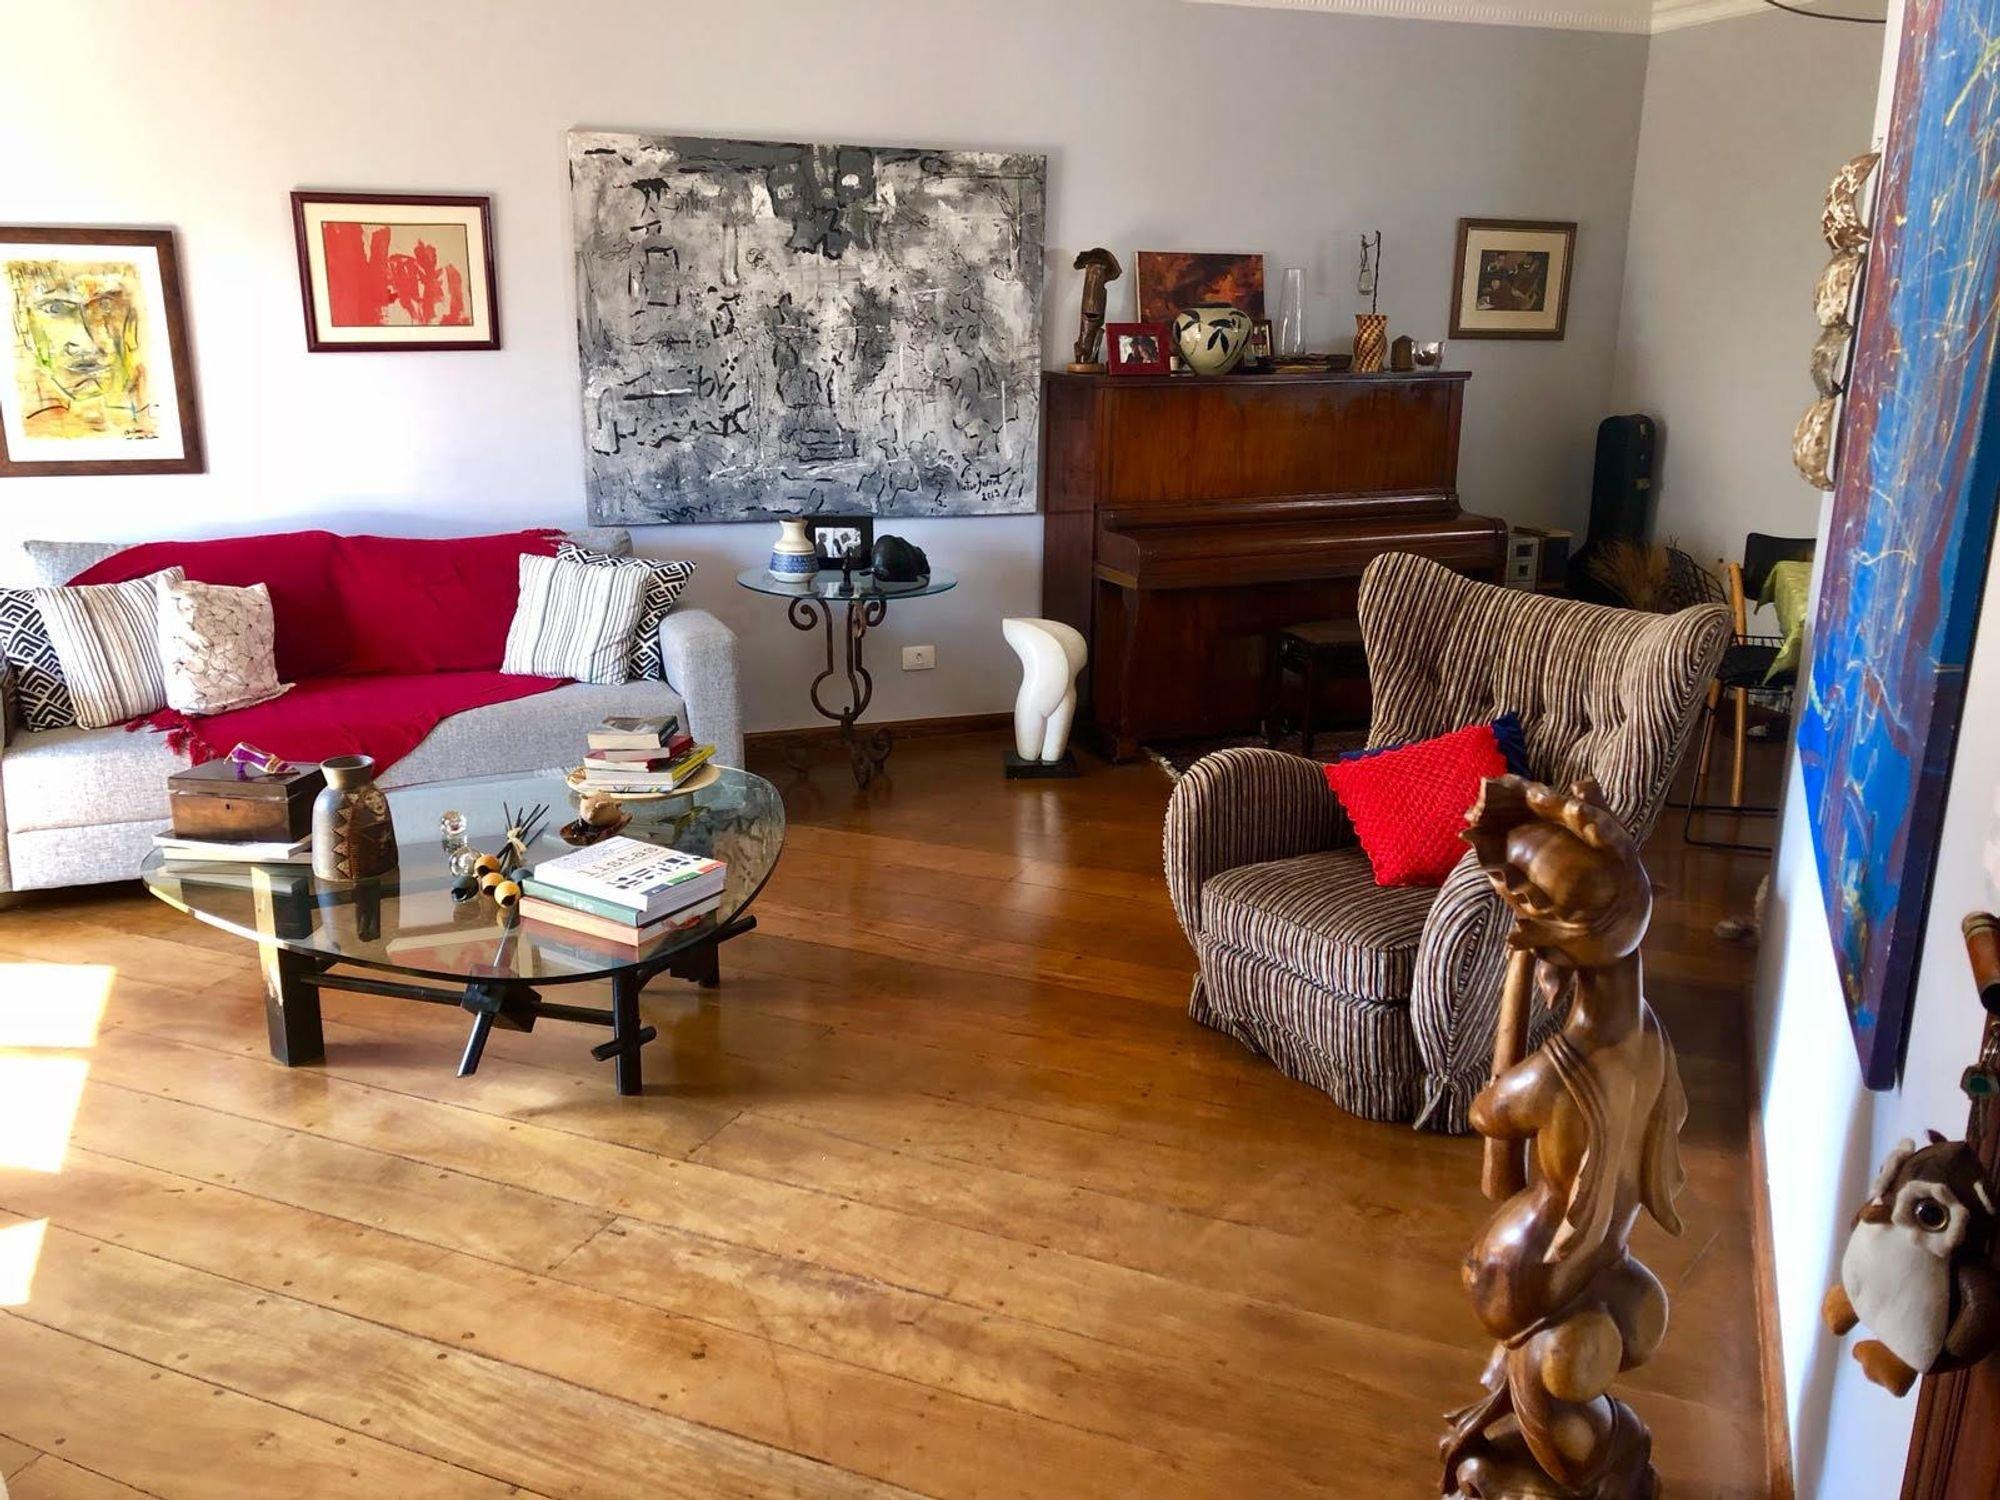 Foto de Sala com sofá, vaso, cadeira, livro